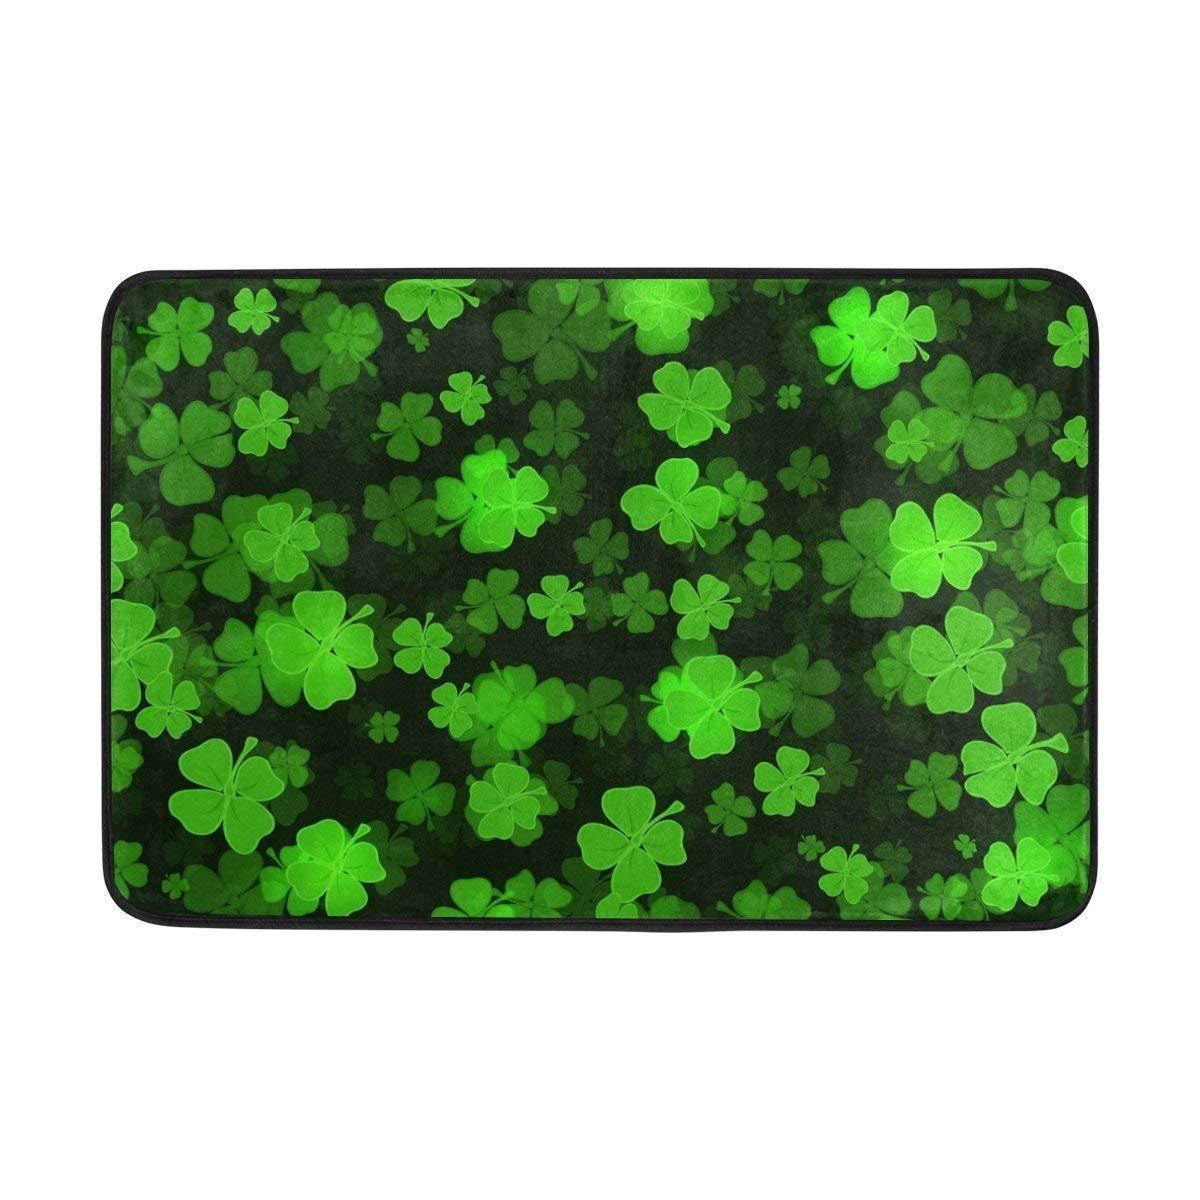 Happy St Patrick's Day Clover Shamrock Green Doormats Floor Mats Shoe Scraper for Home Indoor Entrance Way Front Door 23.6 by 15.7 Inches 40 x 60 cm Haipaul